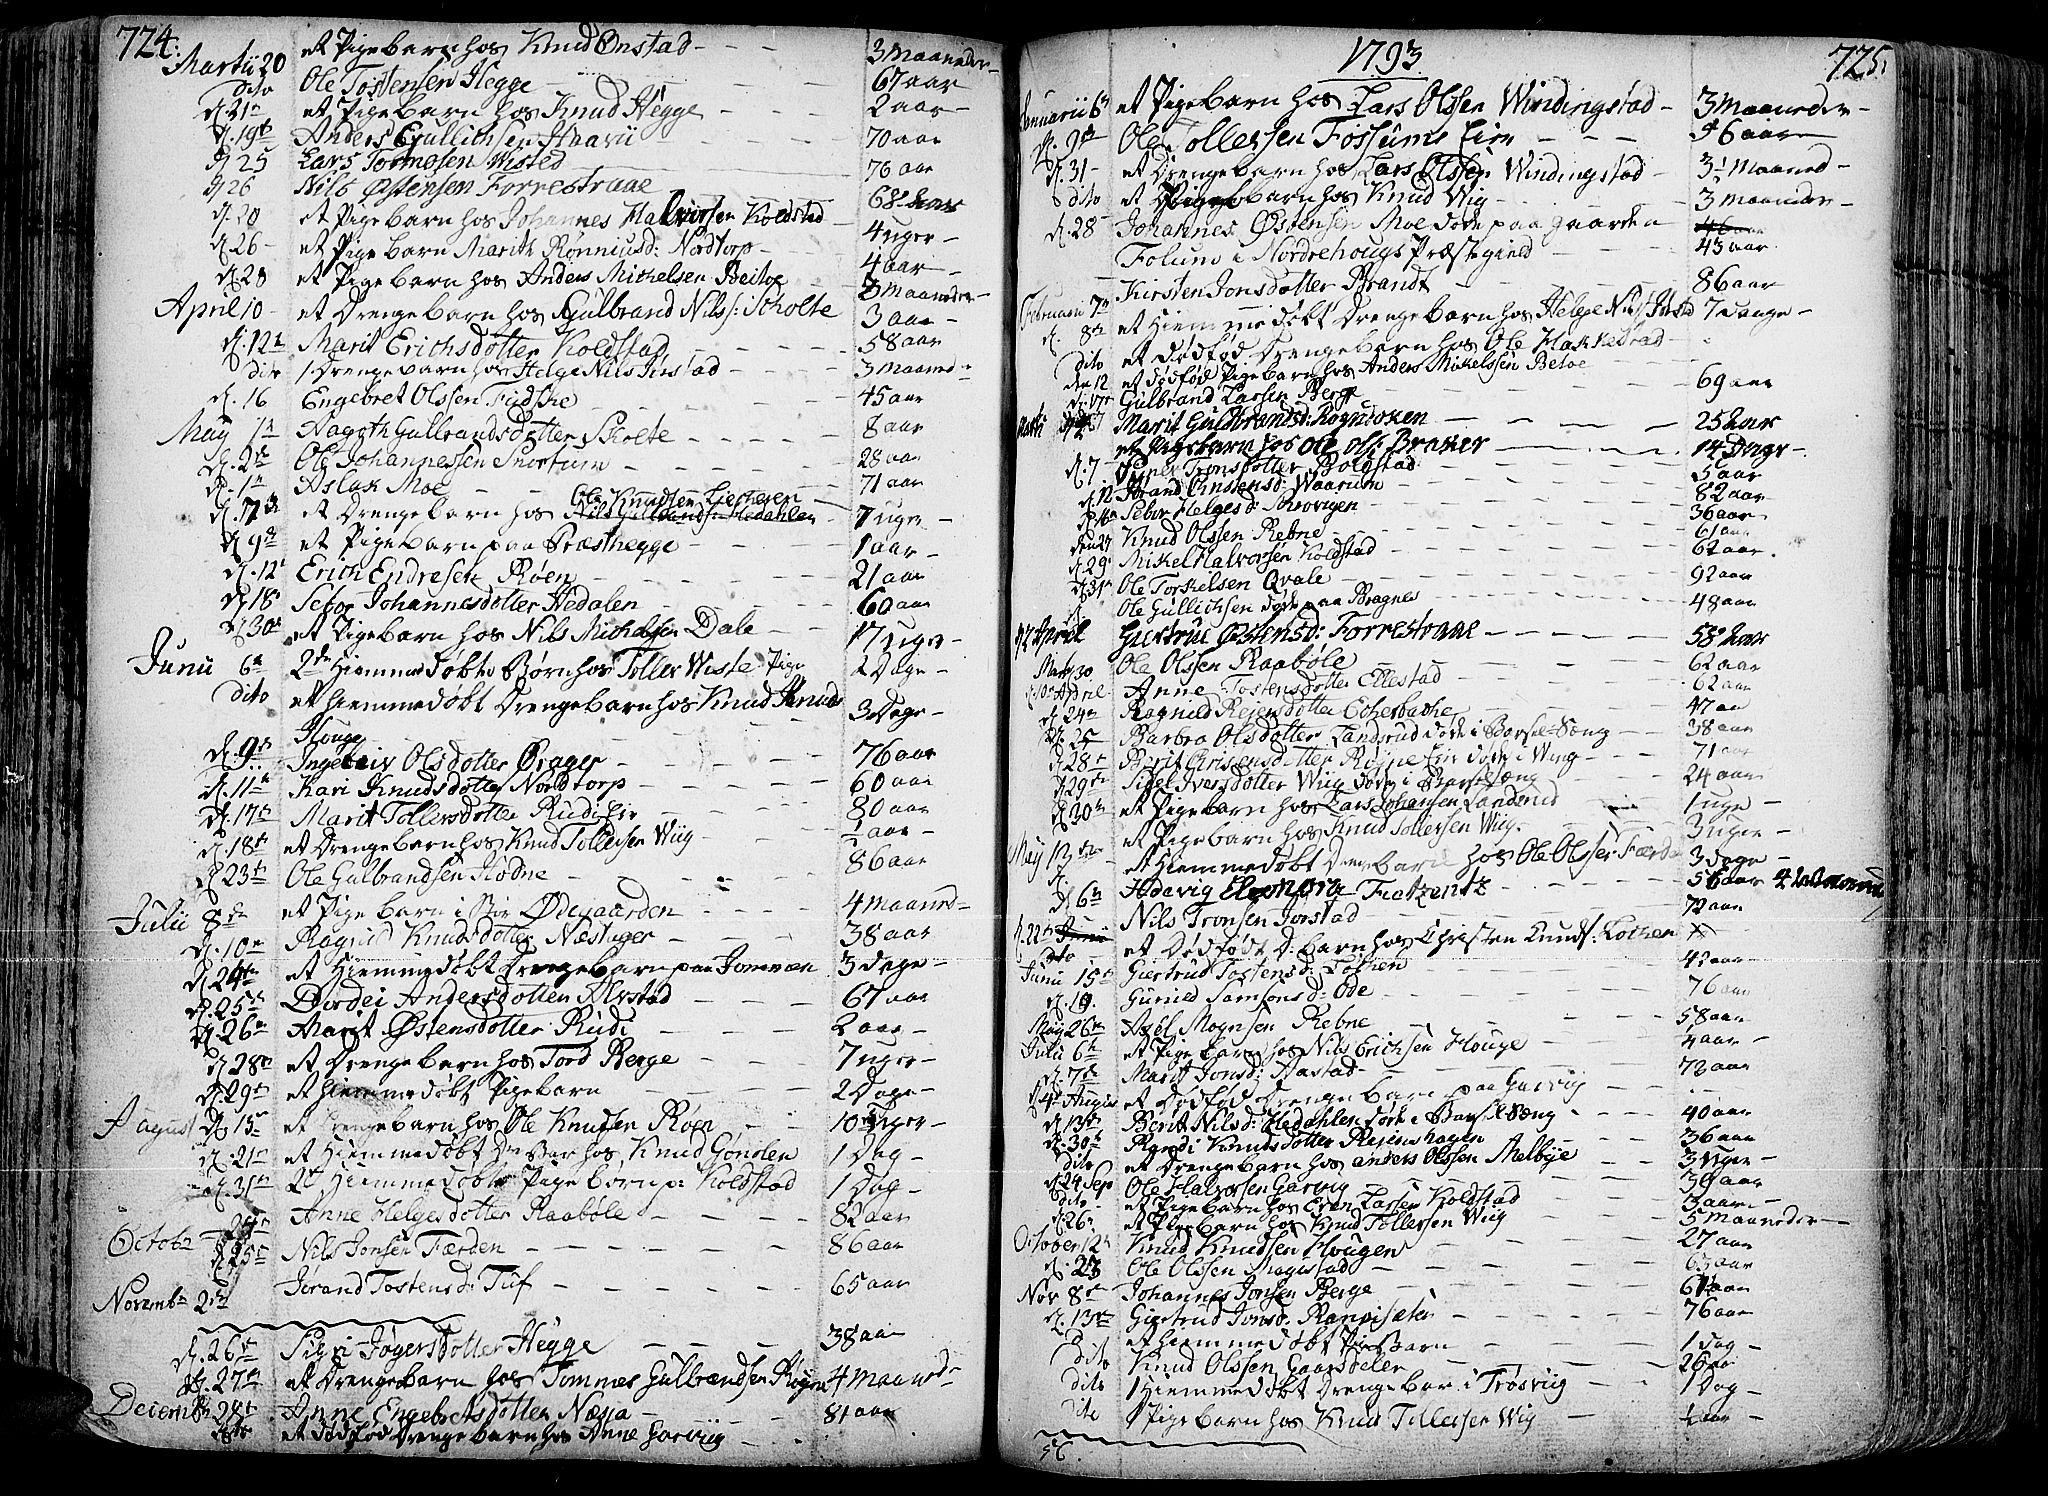 SAH, Slidre prestekontor, Ministerialbok nr. 1, 1724-1814, s. 724-725